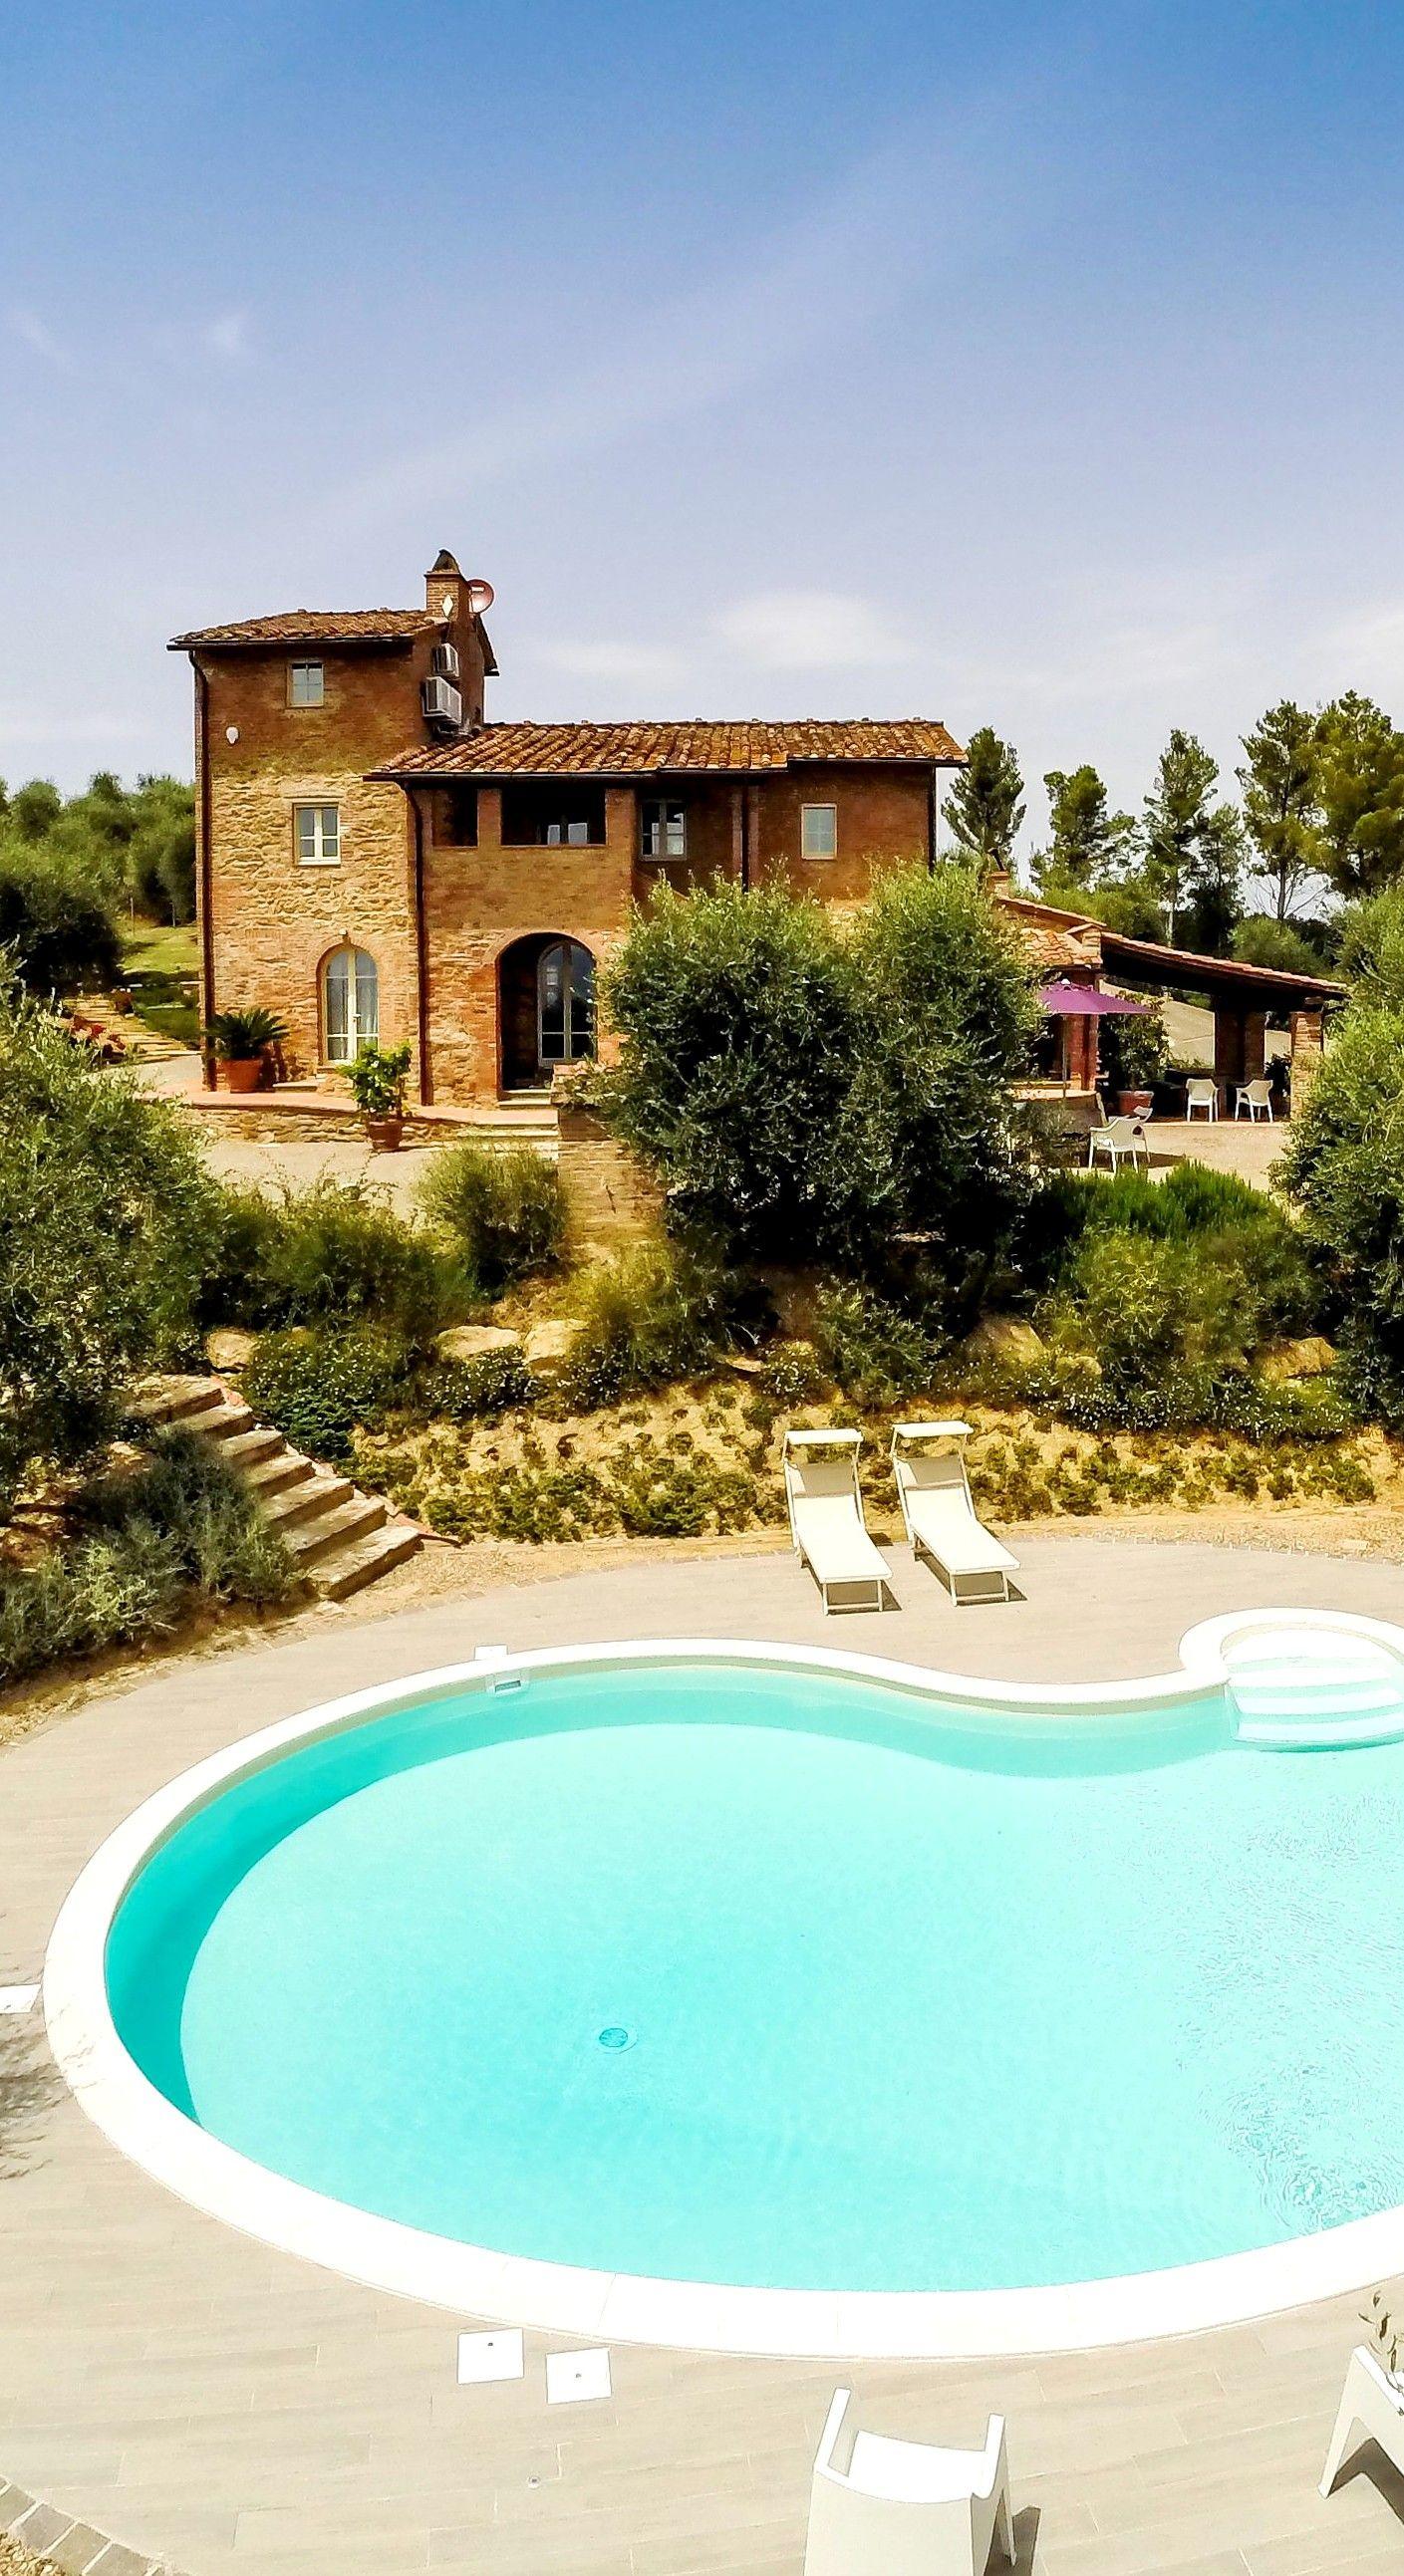 Villa Locarno, Pisa, Italien, 4 Schlafzimmer, Privater Pool, Klimaanlage 8  Personen